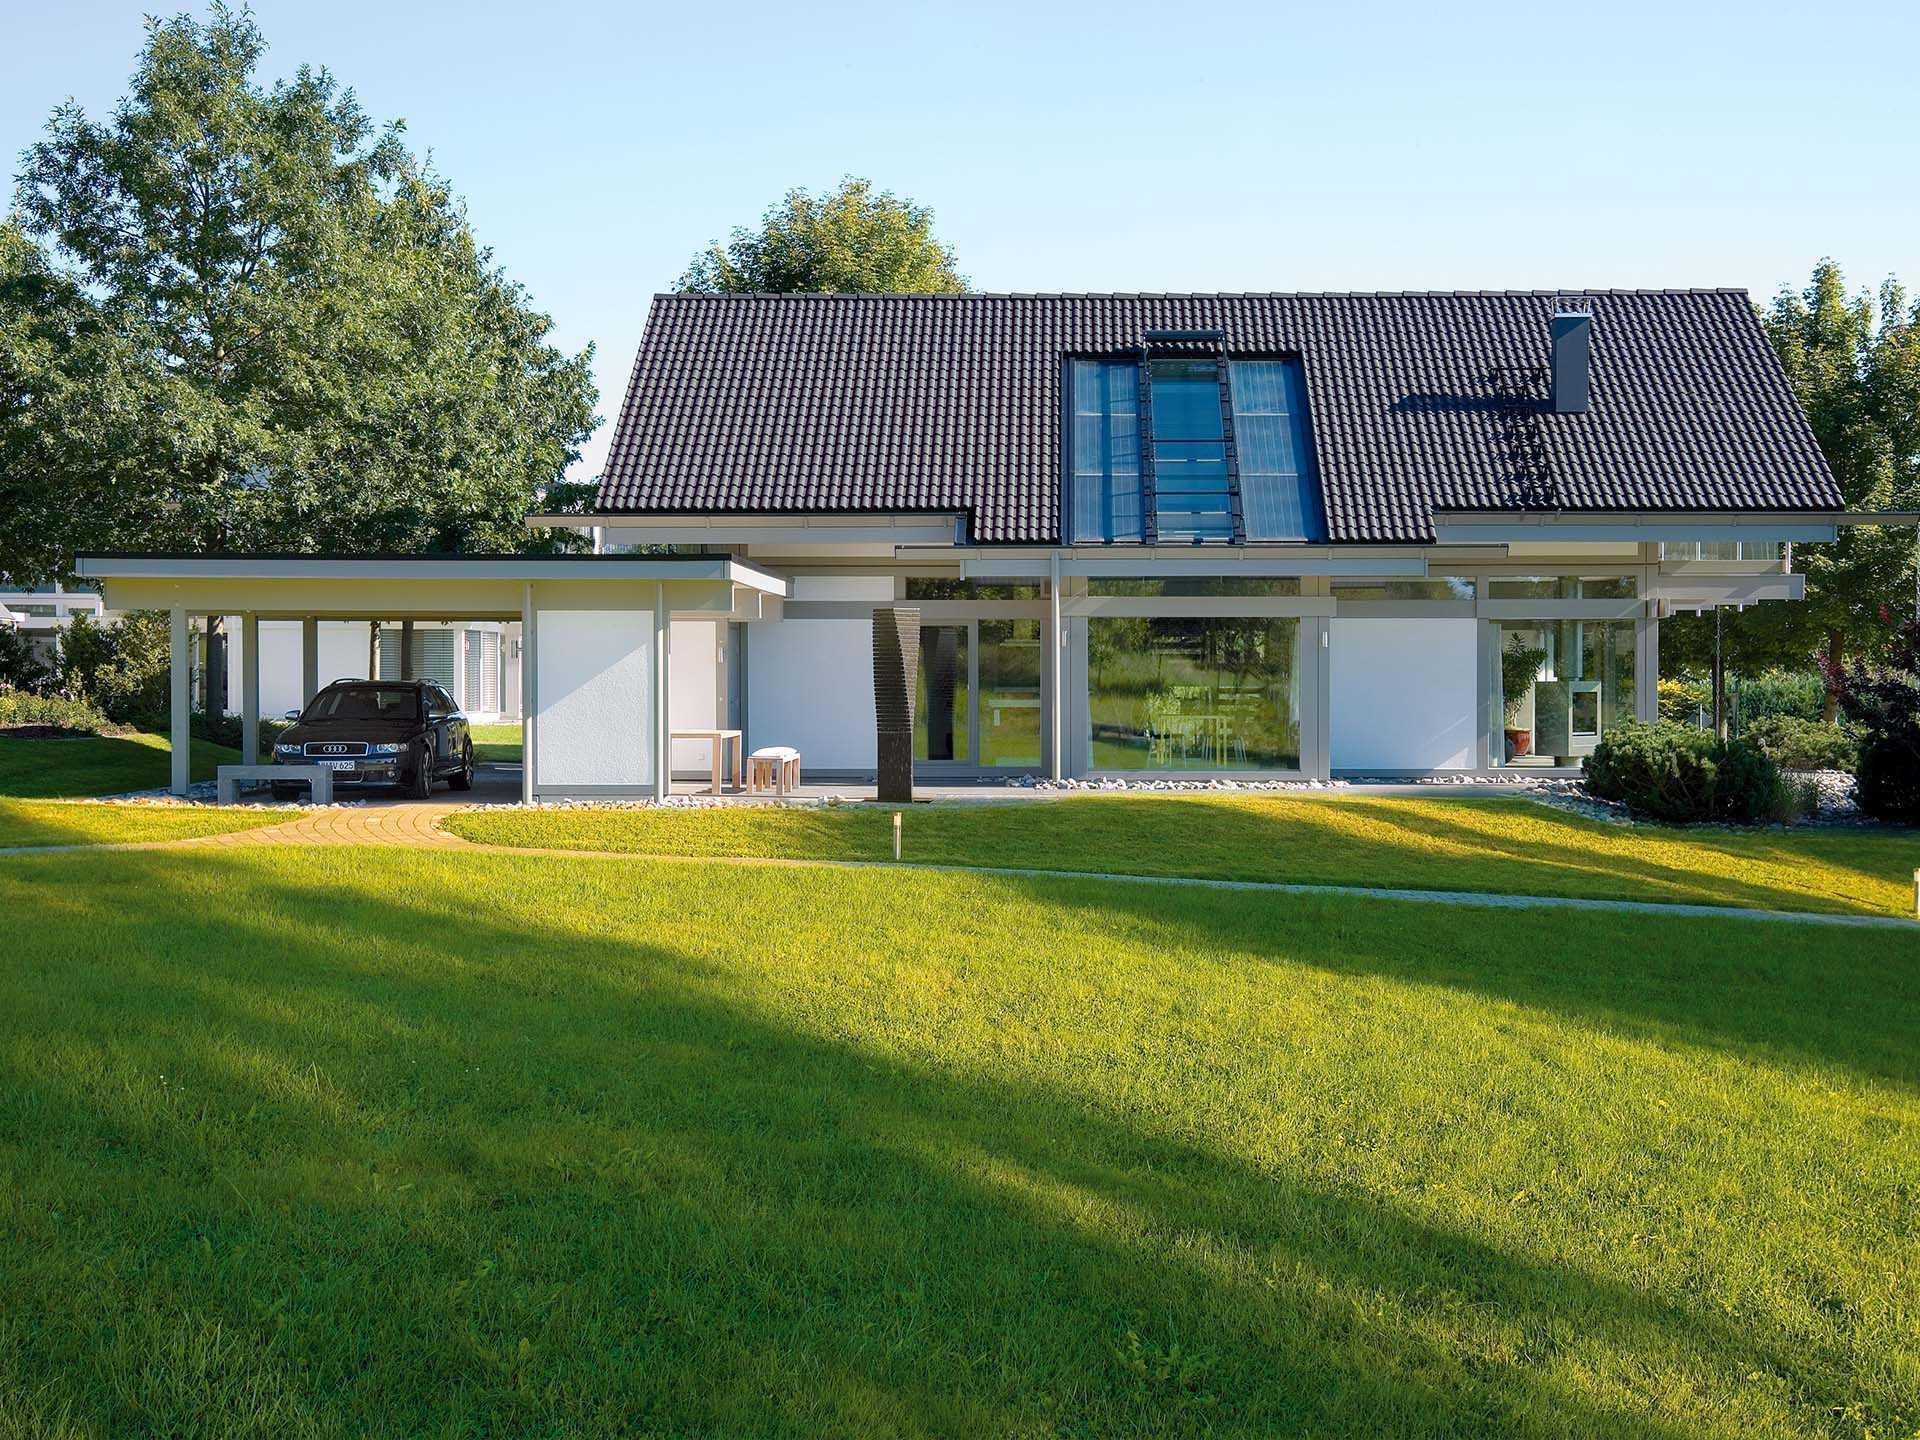 Musterhaus HUF Haus ART 3 - HUF HAUS